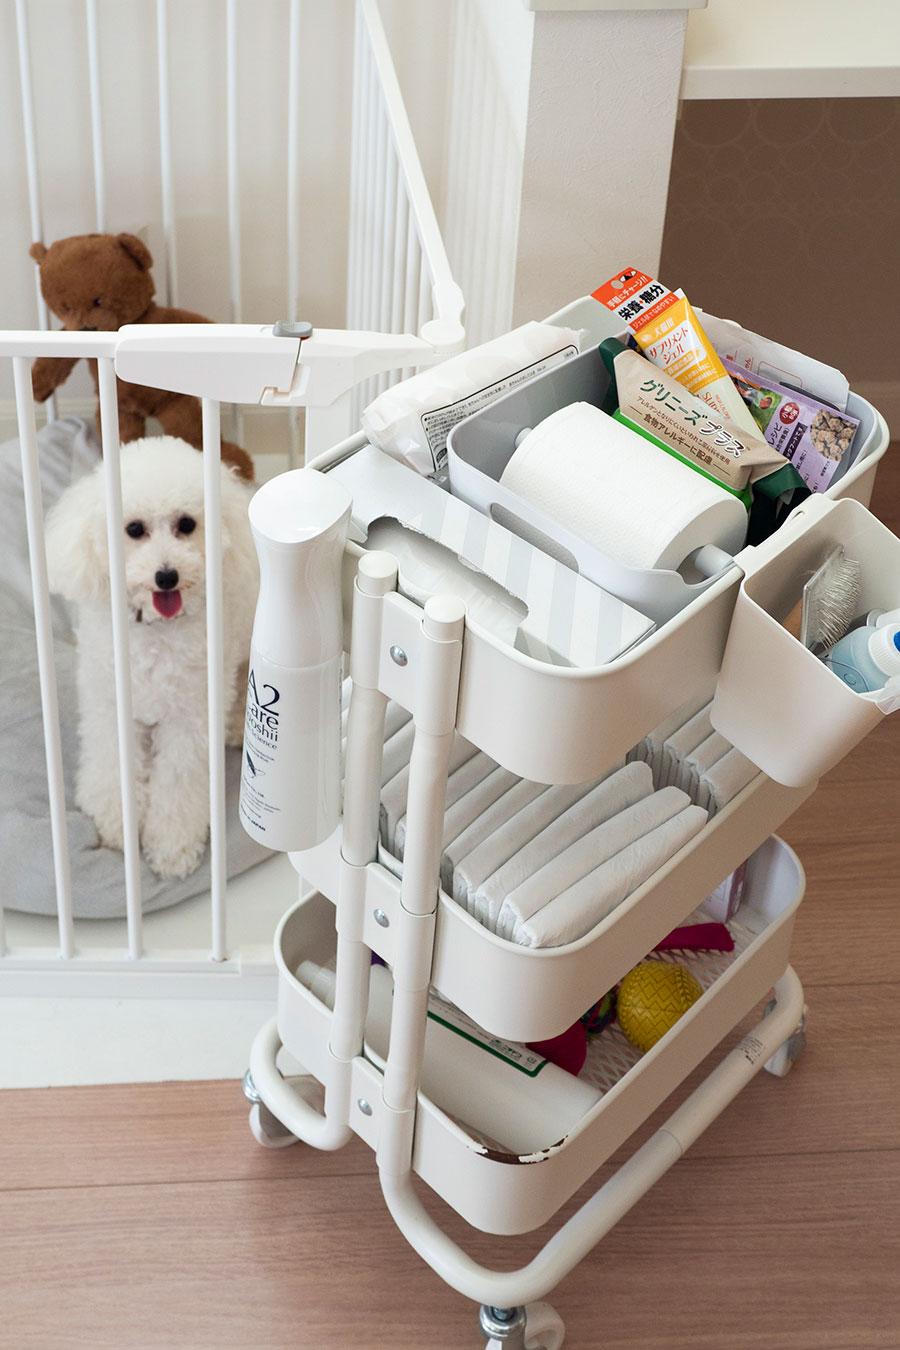 """IKEAのワゴンにトイレシートやブラシなど、愛犬""""わたあめ""""ちゃんの必需品を一括管理。キャスター付きで移動できるのが便利。ボックスの中に突っ張り棒を利用し、トイレットペーパーホルダーにしている。"""